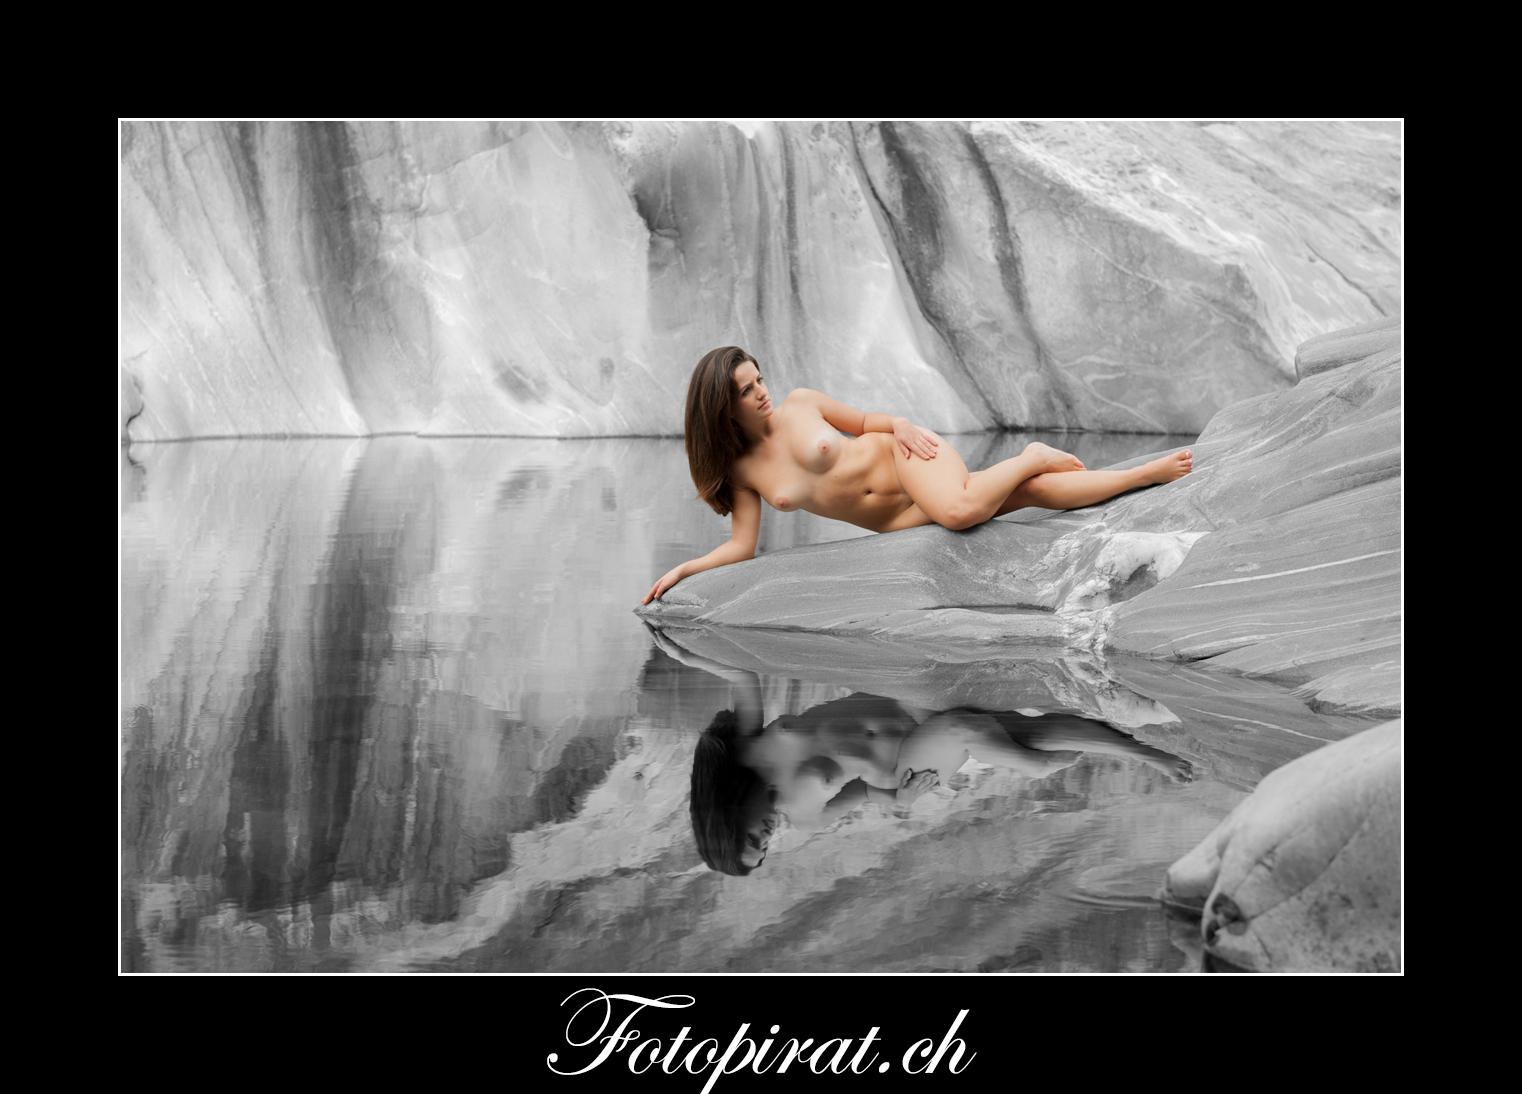 Fotoshooting, Outdoor, Akt, Nackt, Nudeart, Nude, Modelagentur, Fotomodel, erotik,